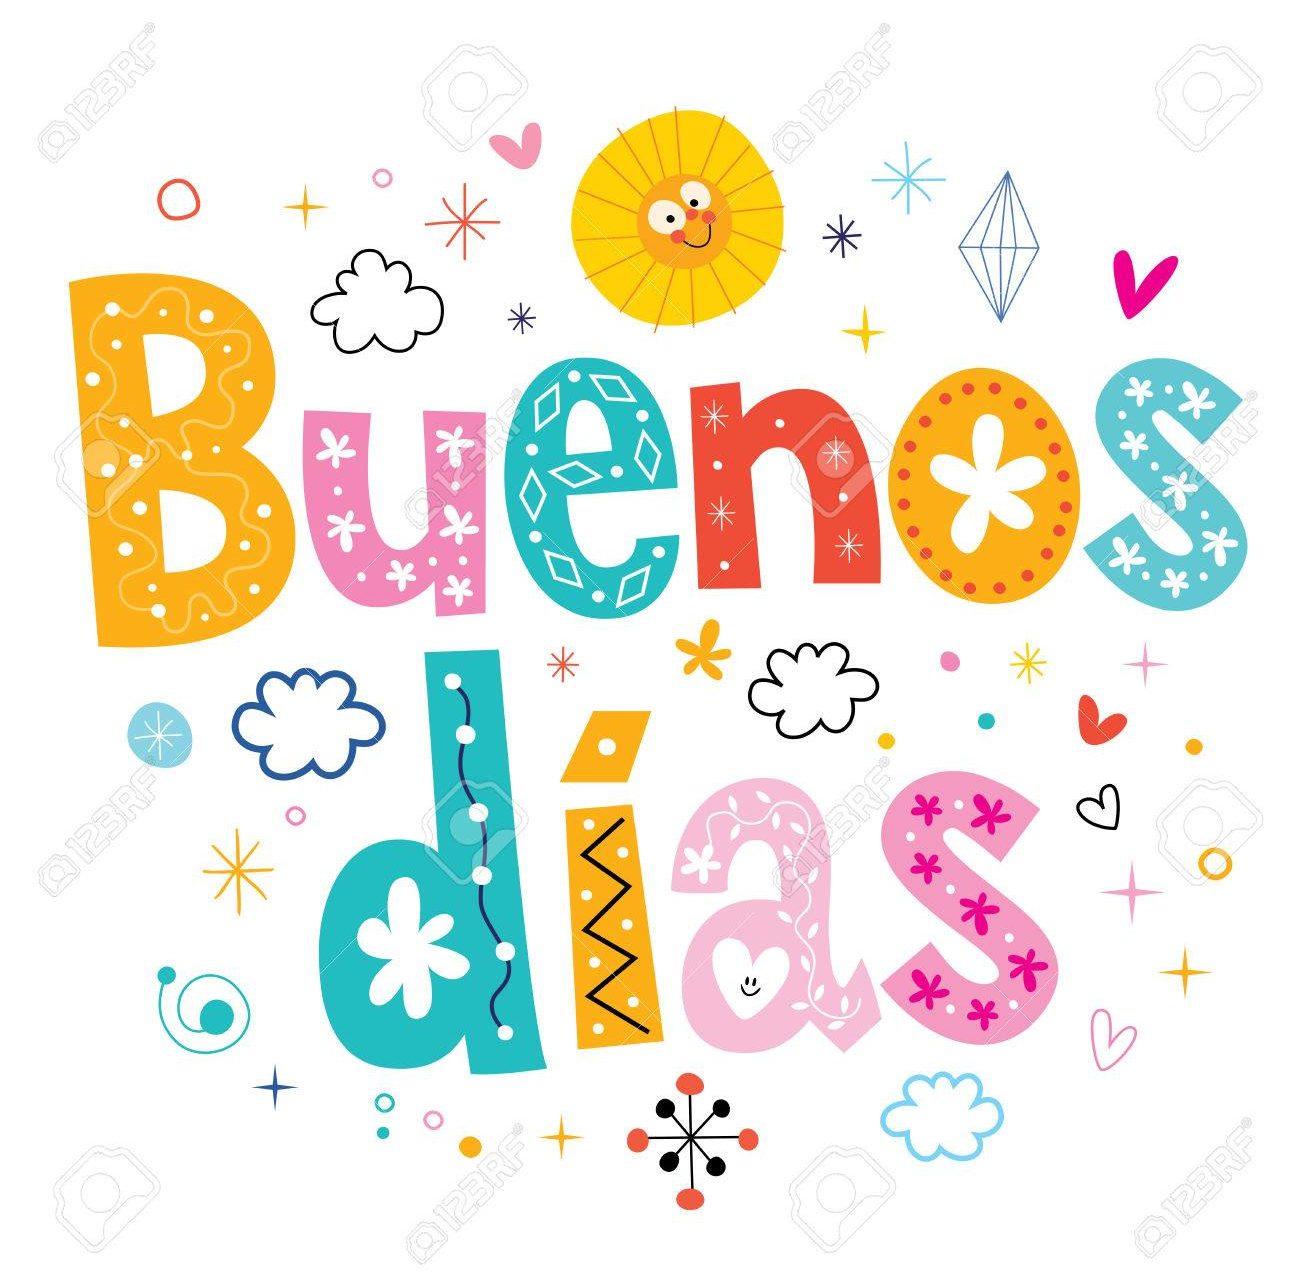 54720167-buenos-dias-bonne-journée-bonjour-en-espagnol.jpg